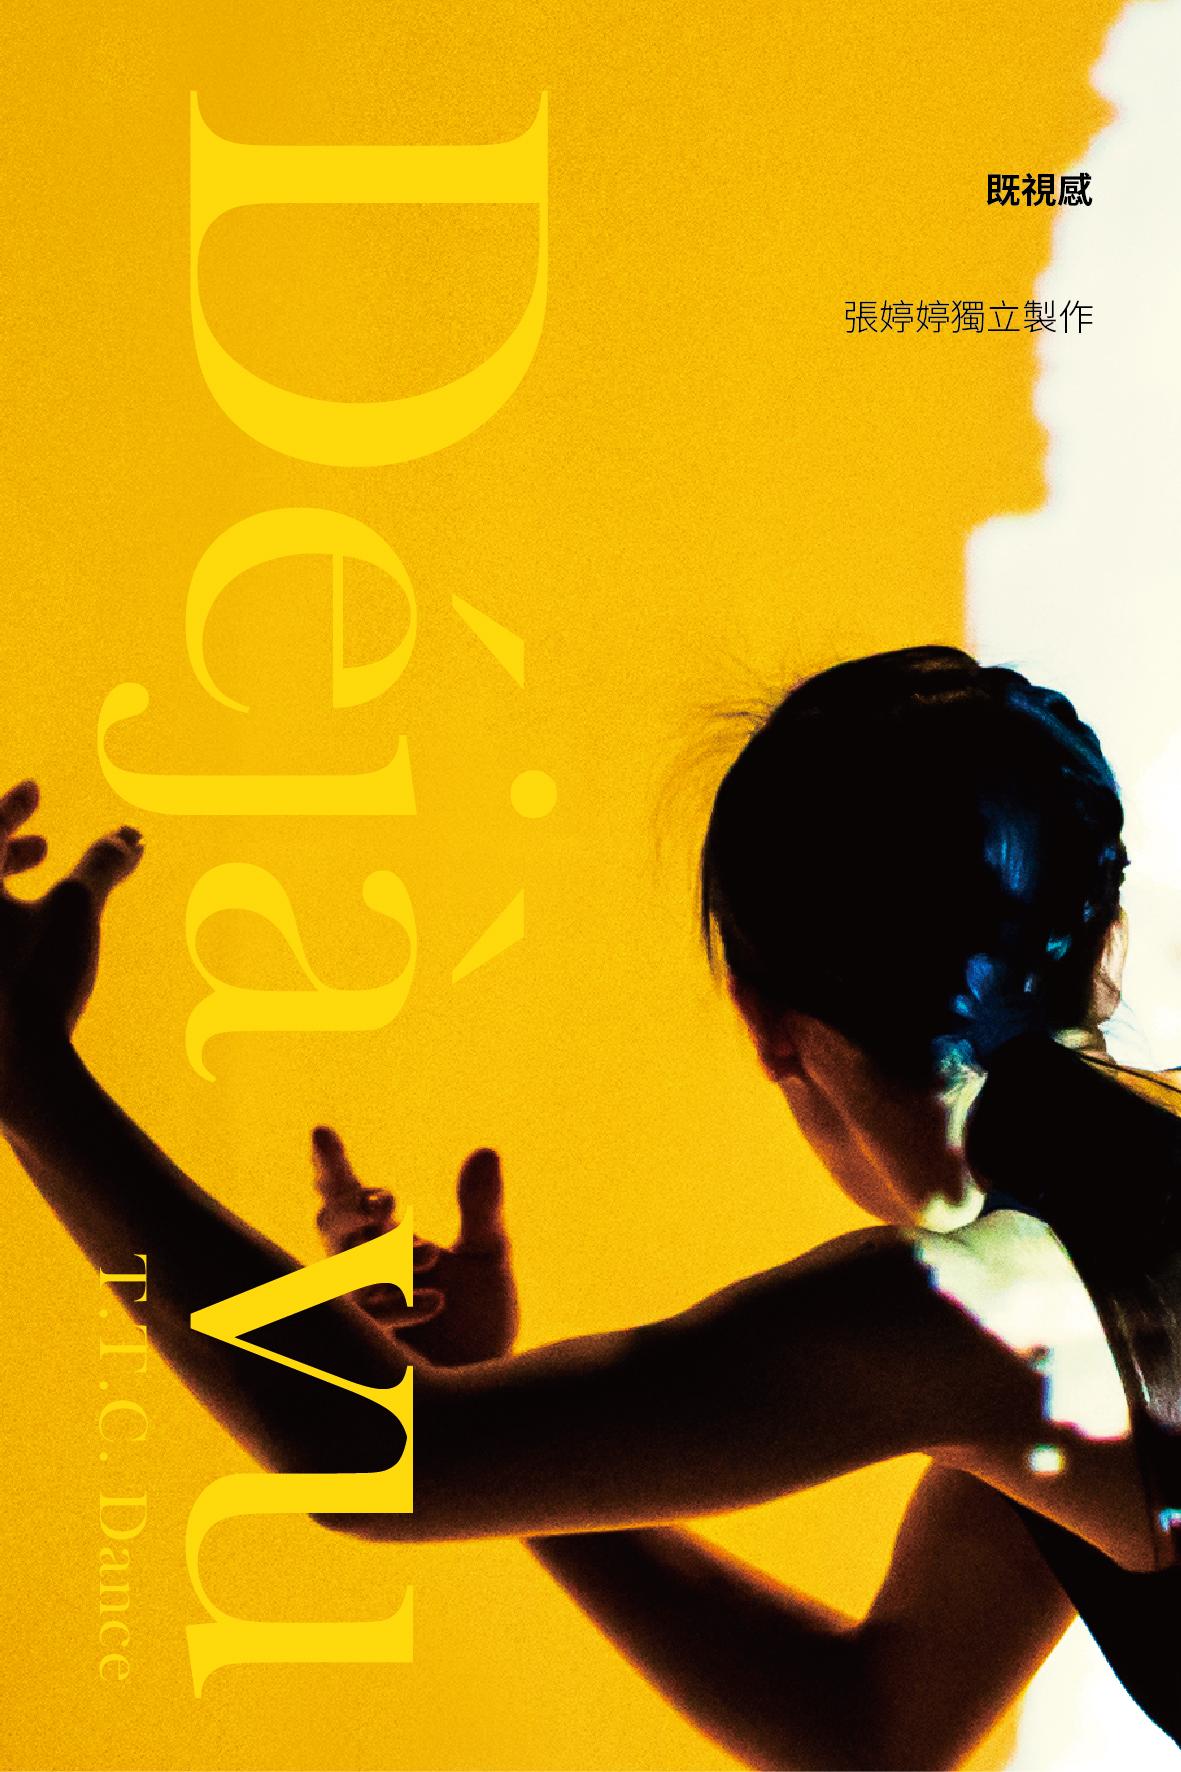 張婷婷獨立製作-既視感亞維儂-keyimage直-15x10-0417.jpg